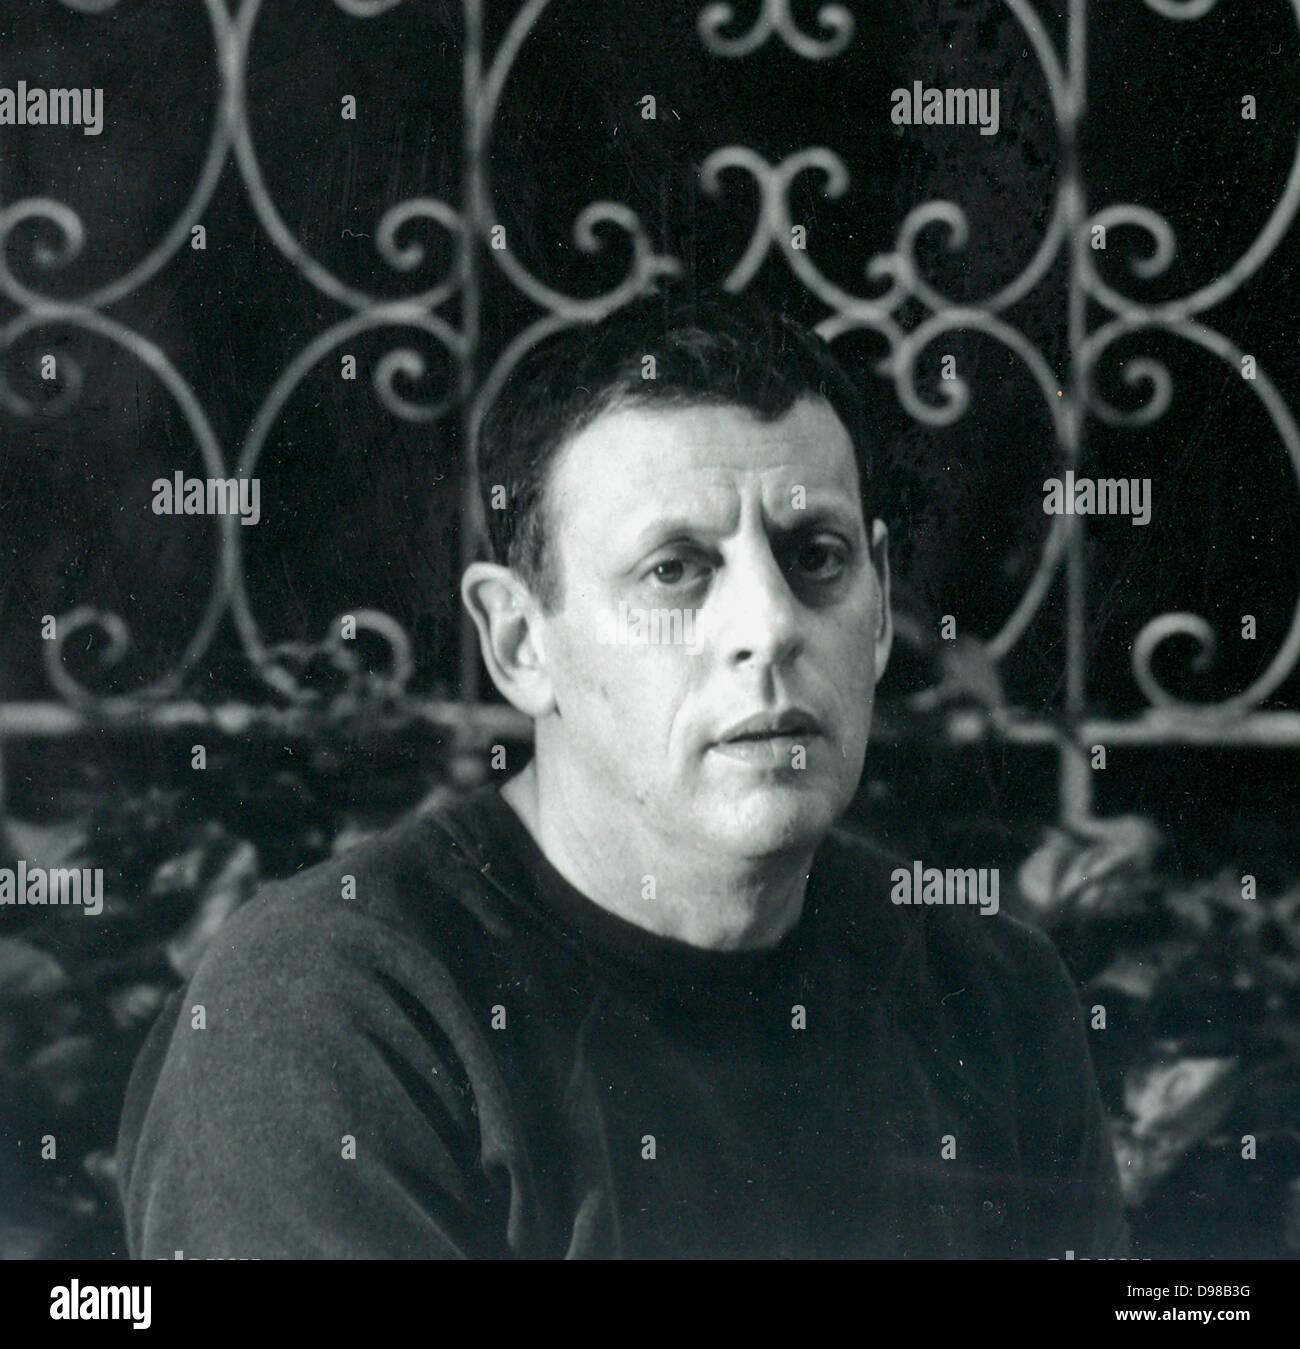 Philip Glass (geboren 1937) im Jahre 1989. US-amerikanischer Komponist. Stockbild